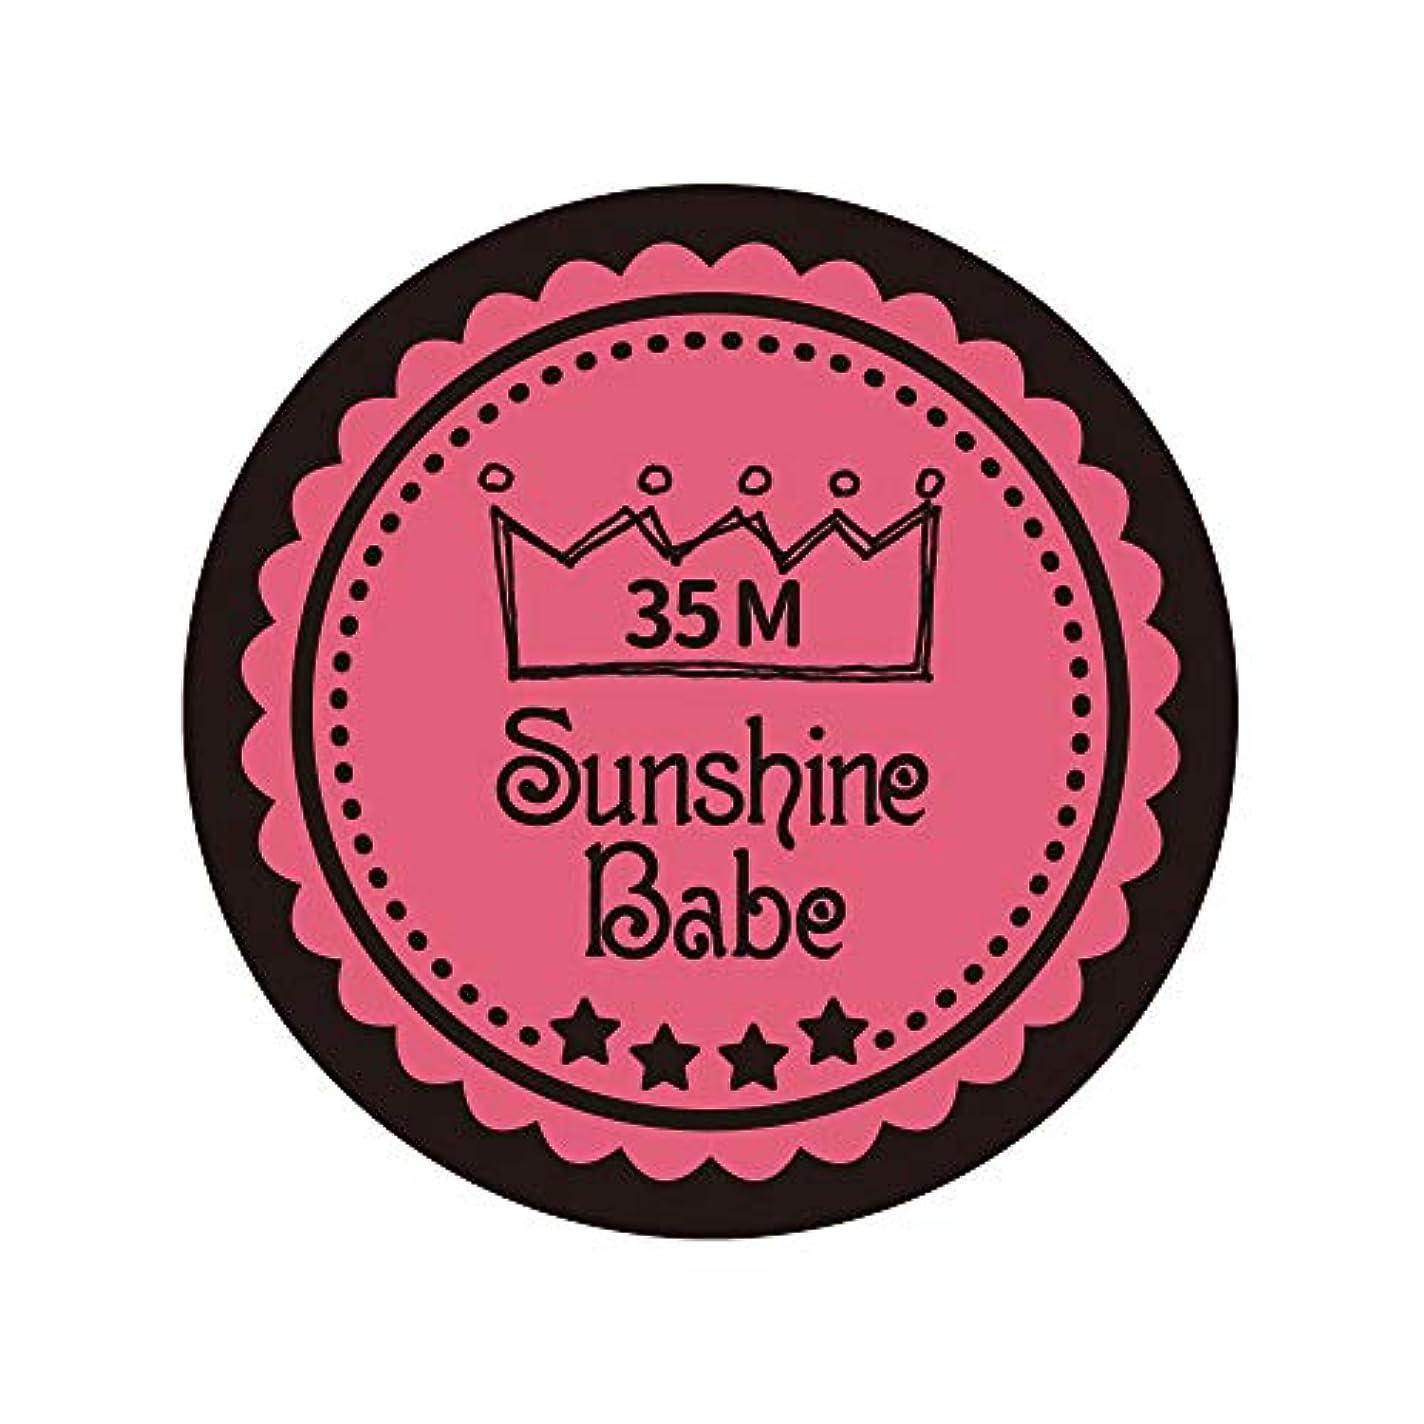 リゾート異形冷酷なSunshine Babe カラージェル 35M ローズピンク 2.7g UV/LED対応